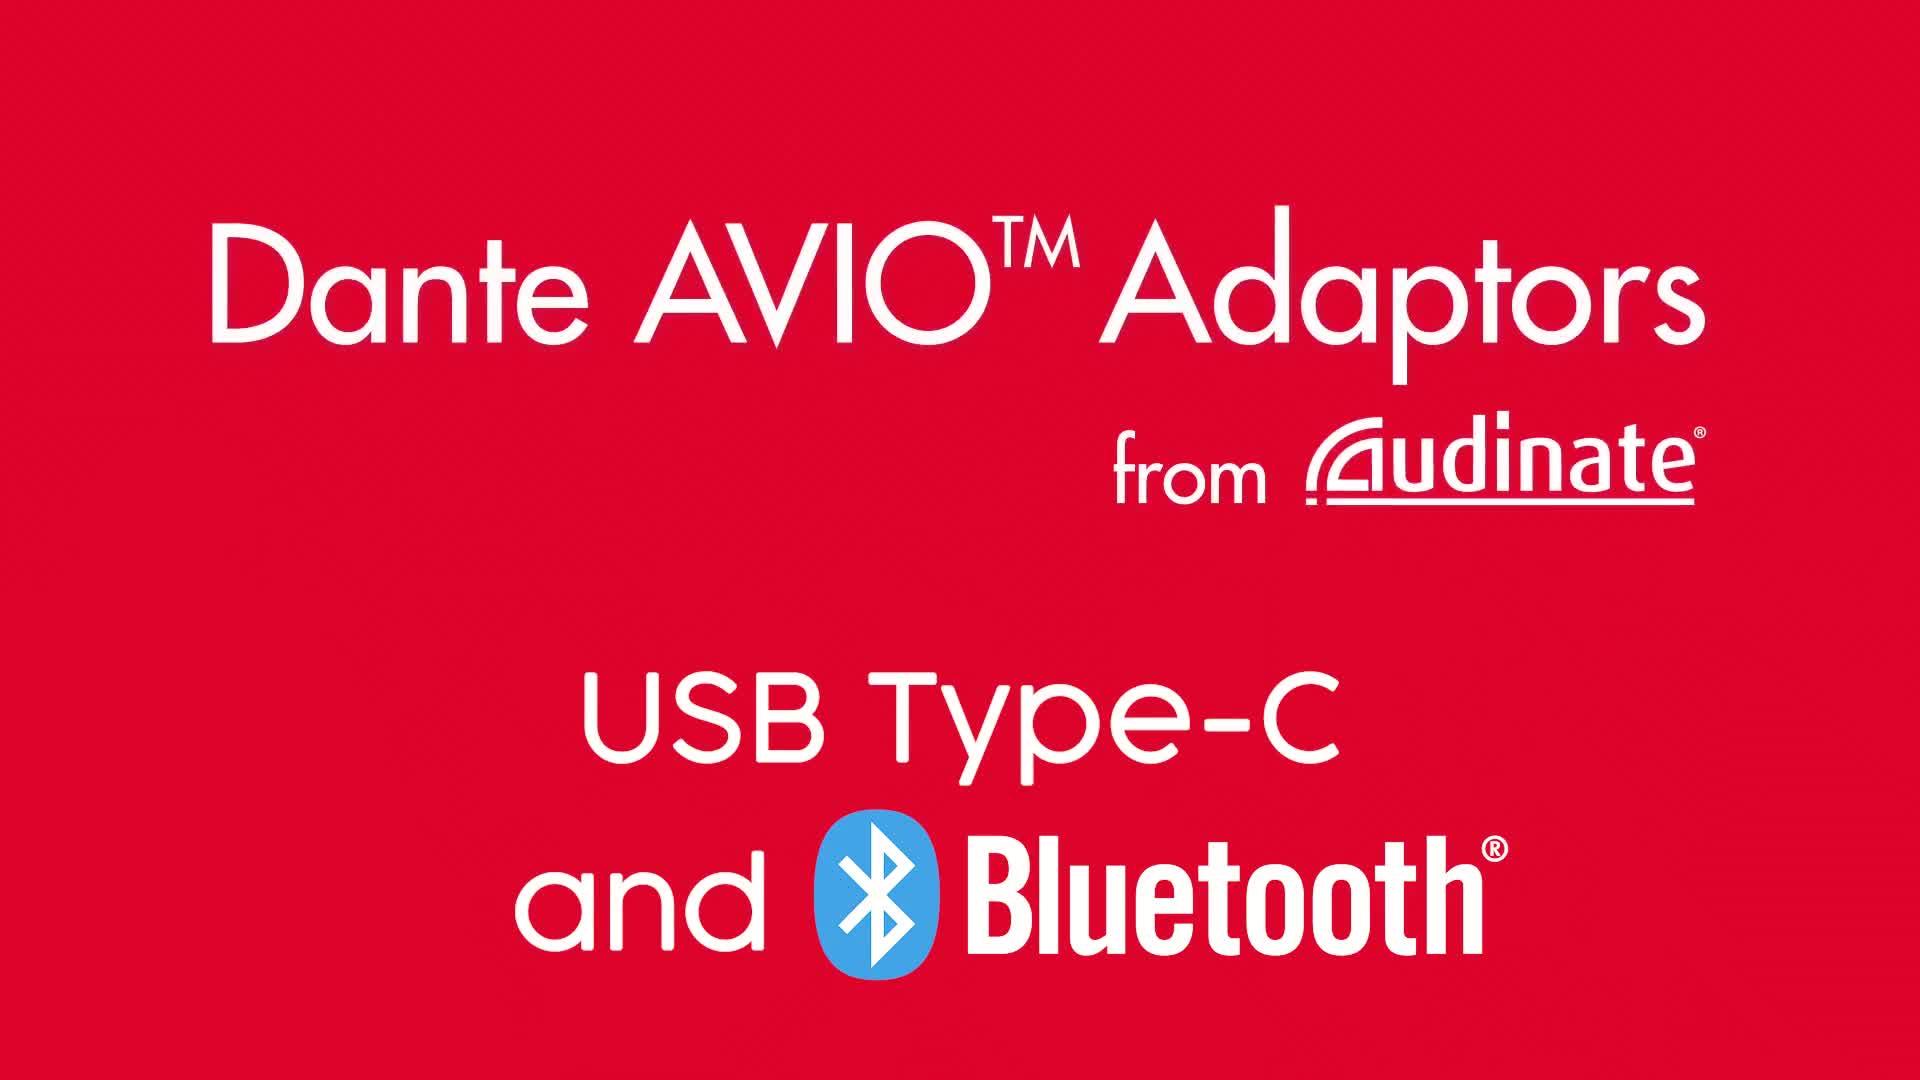 新产品:Dante AVIO USB-C和 Bluetooth 版本